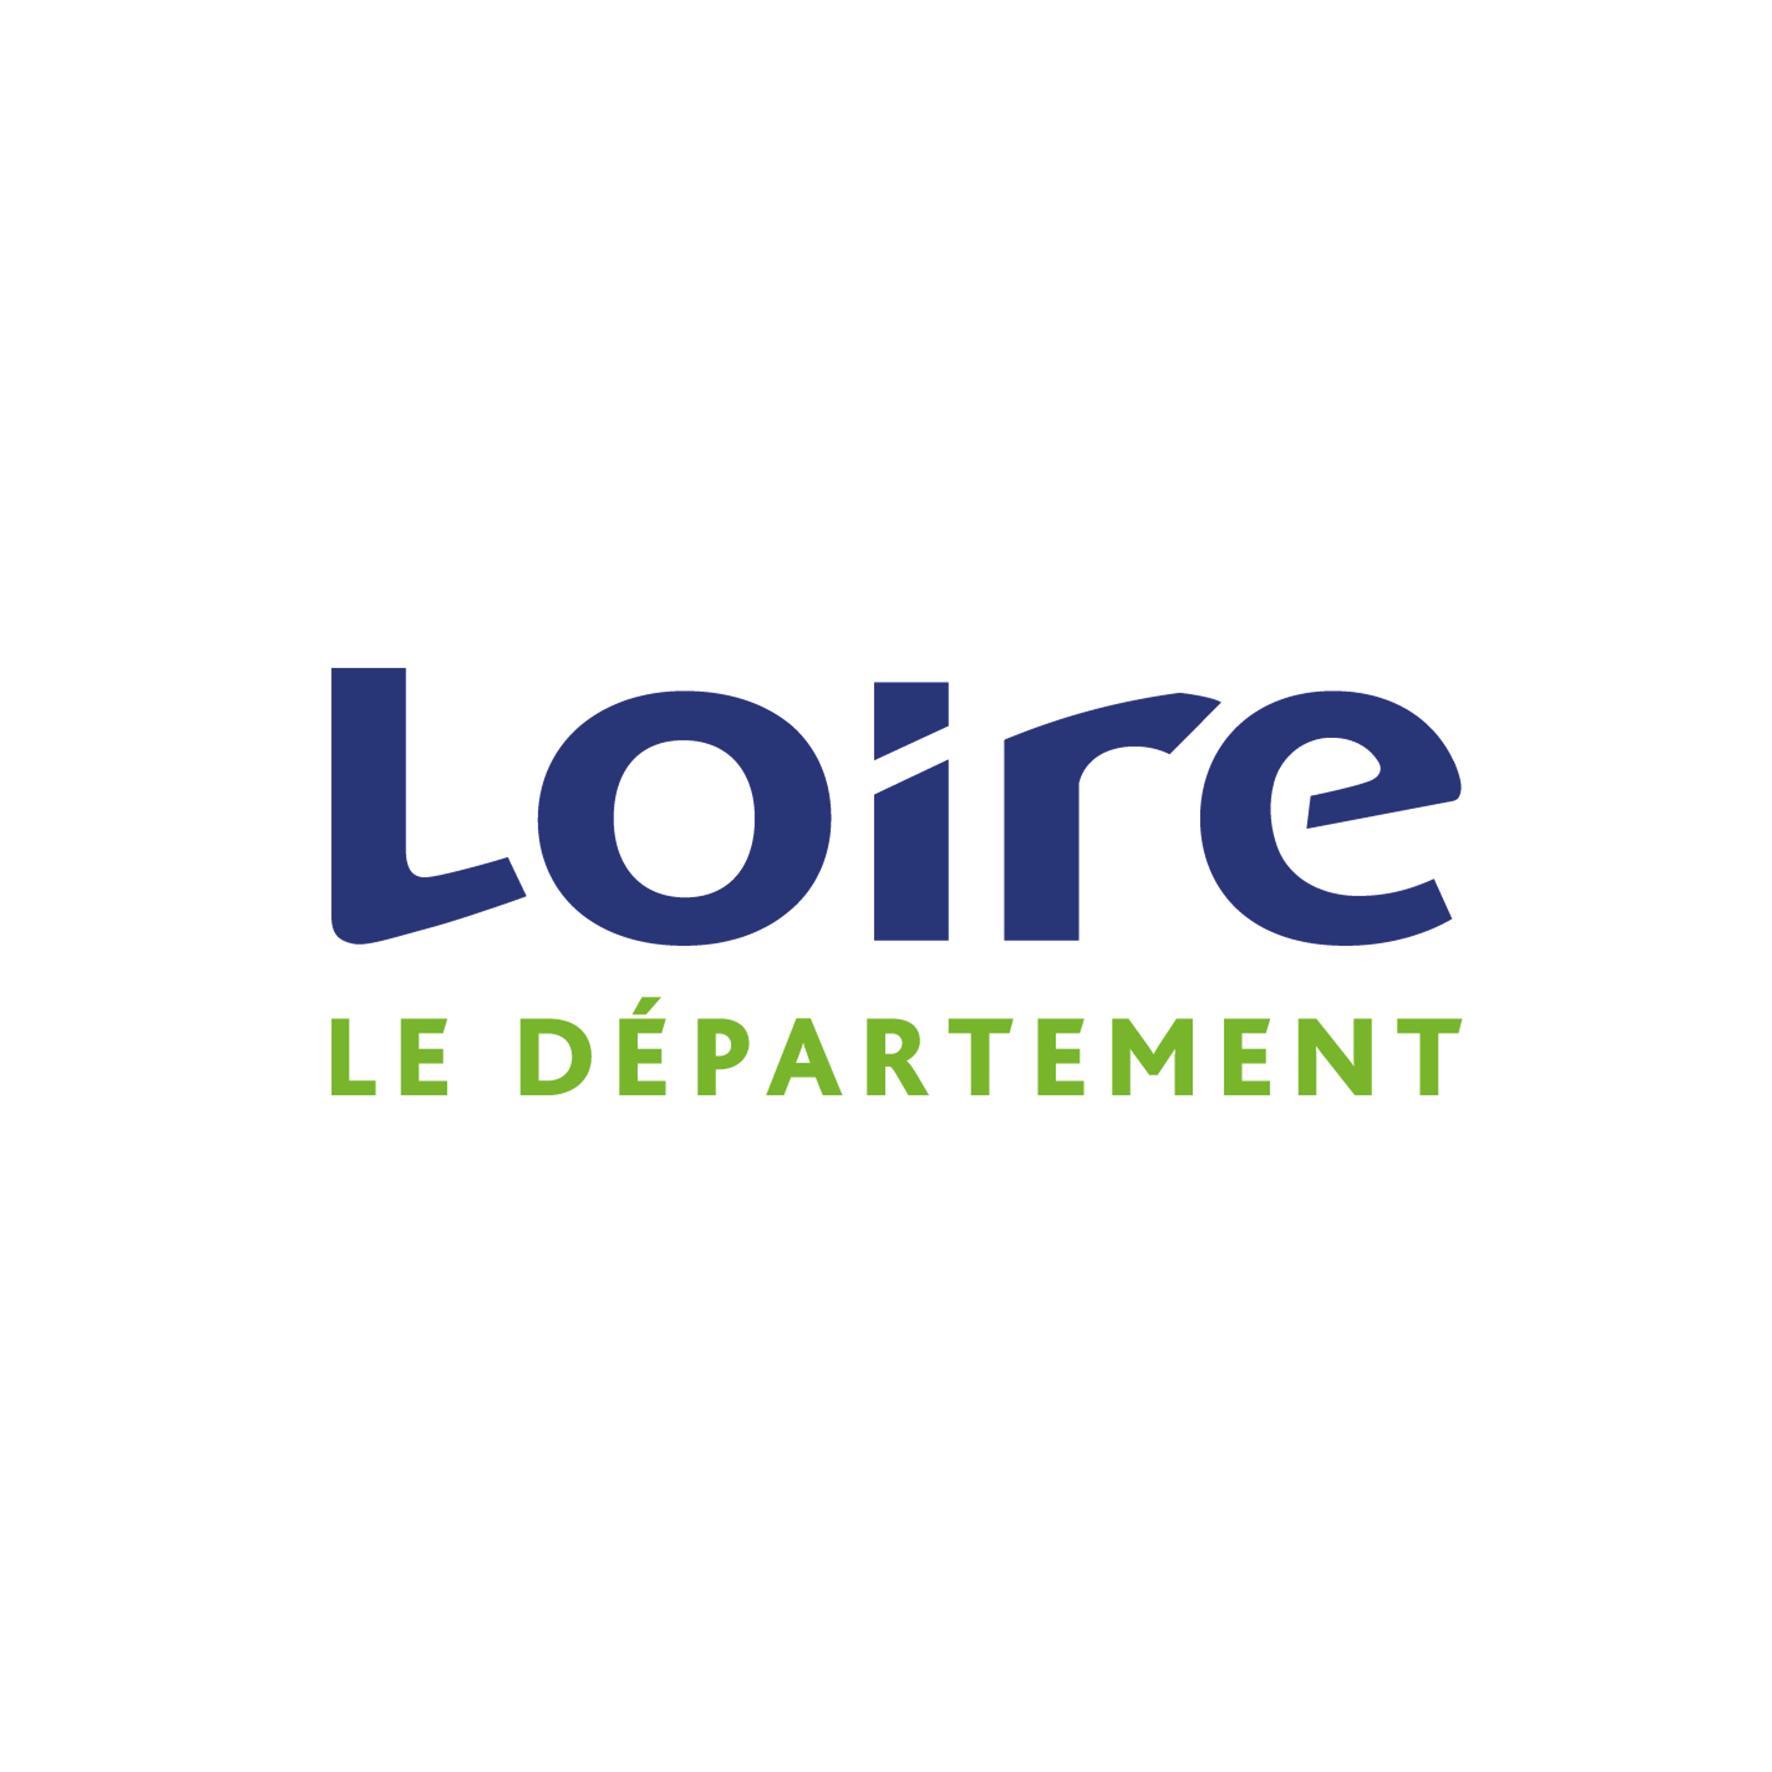 Loire Département 1772x1772 CMJN